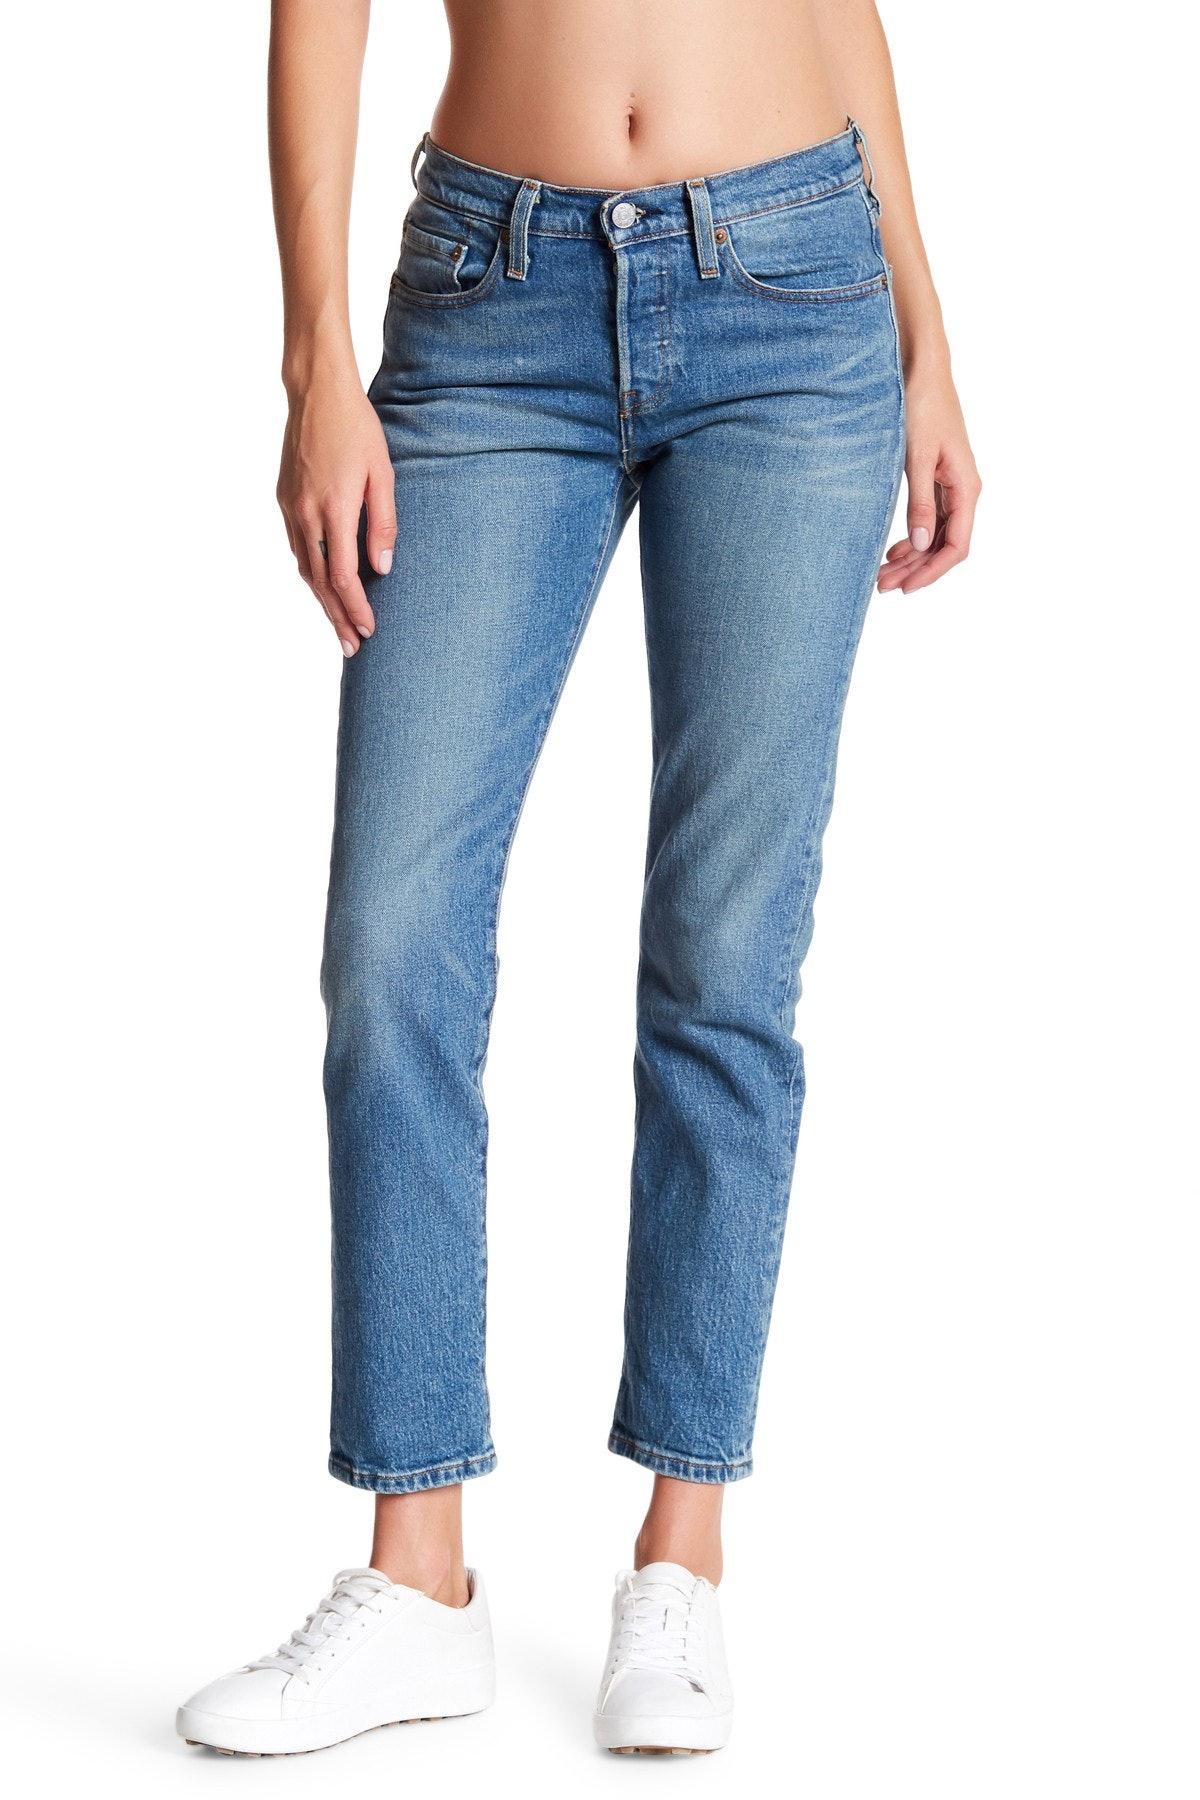 501 Taper Jeans In America Blue